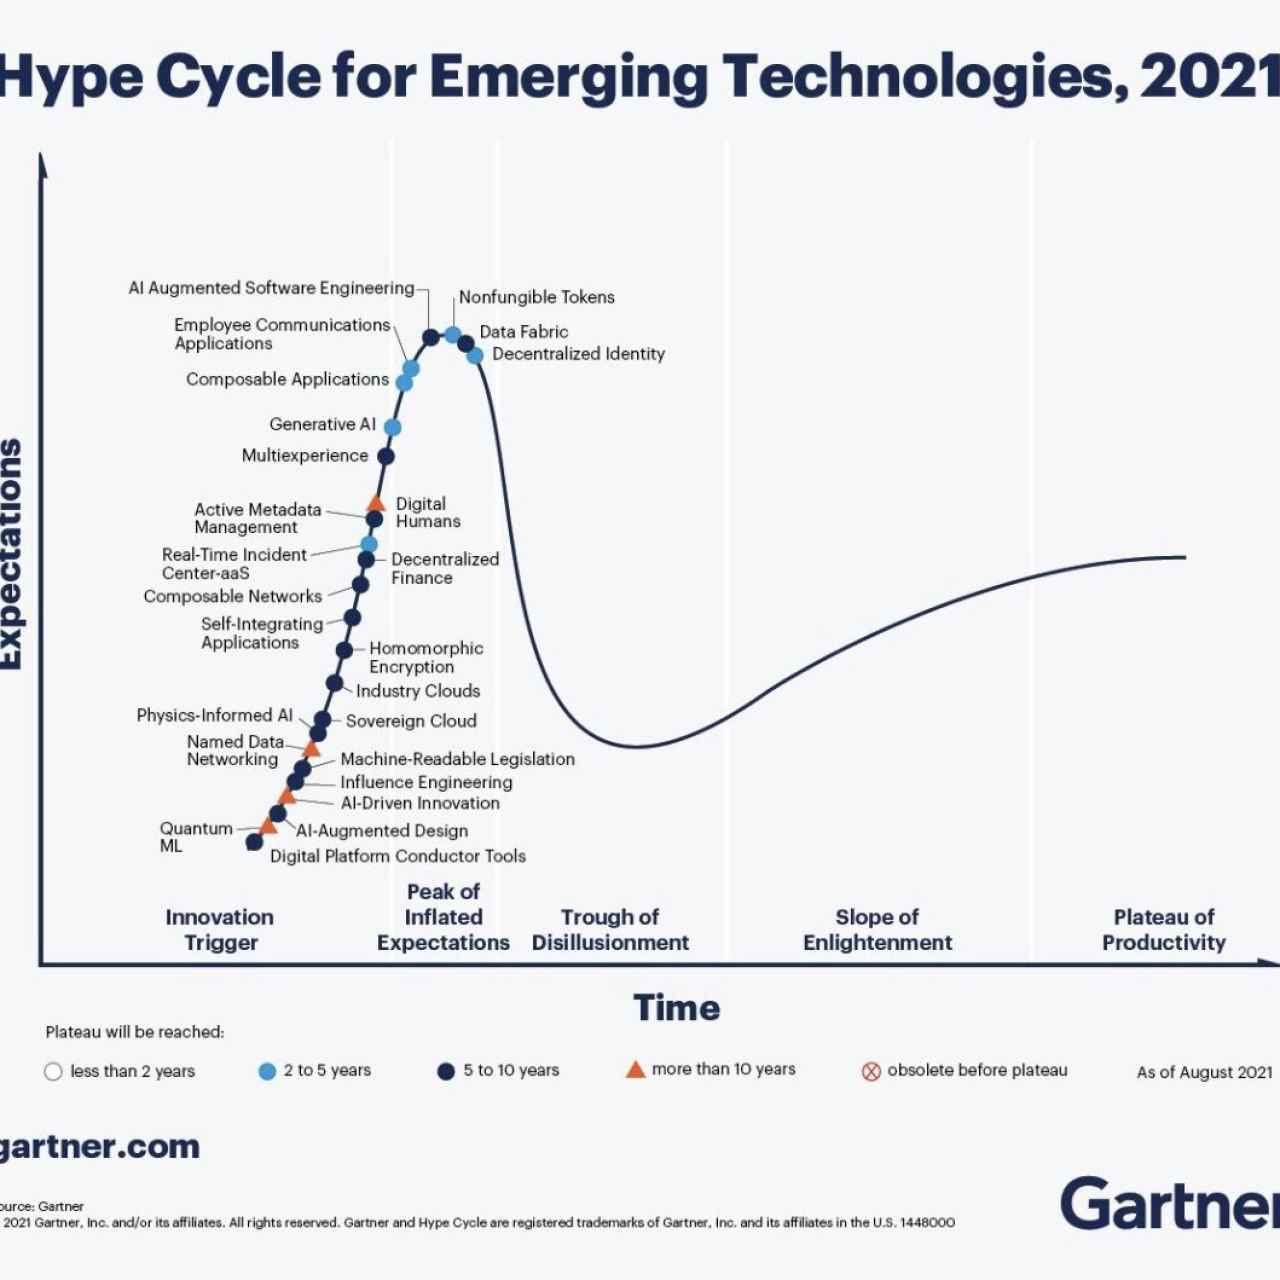 El 'ciclo del hype' de tecnologías emergentes 2021 de la firma de análisis Gartner.